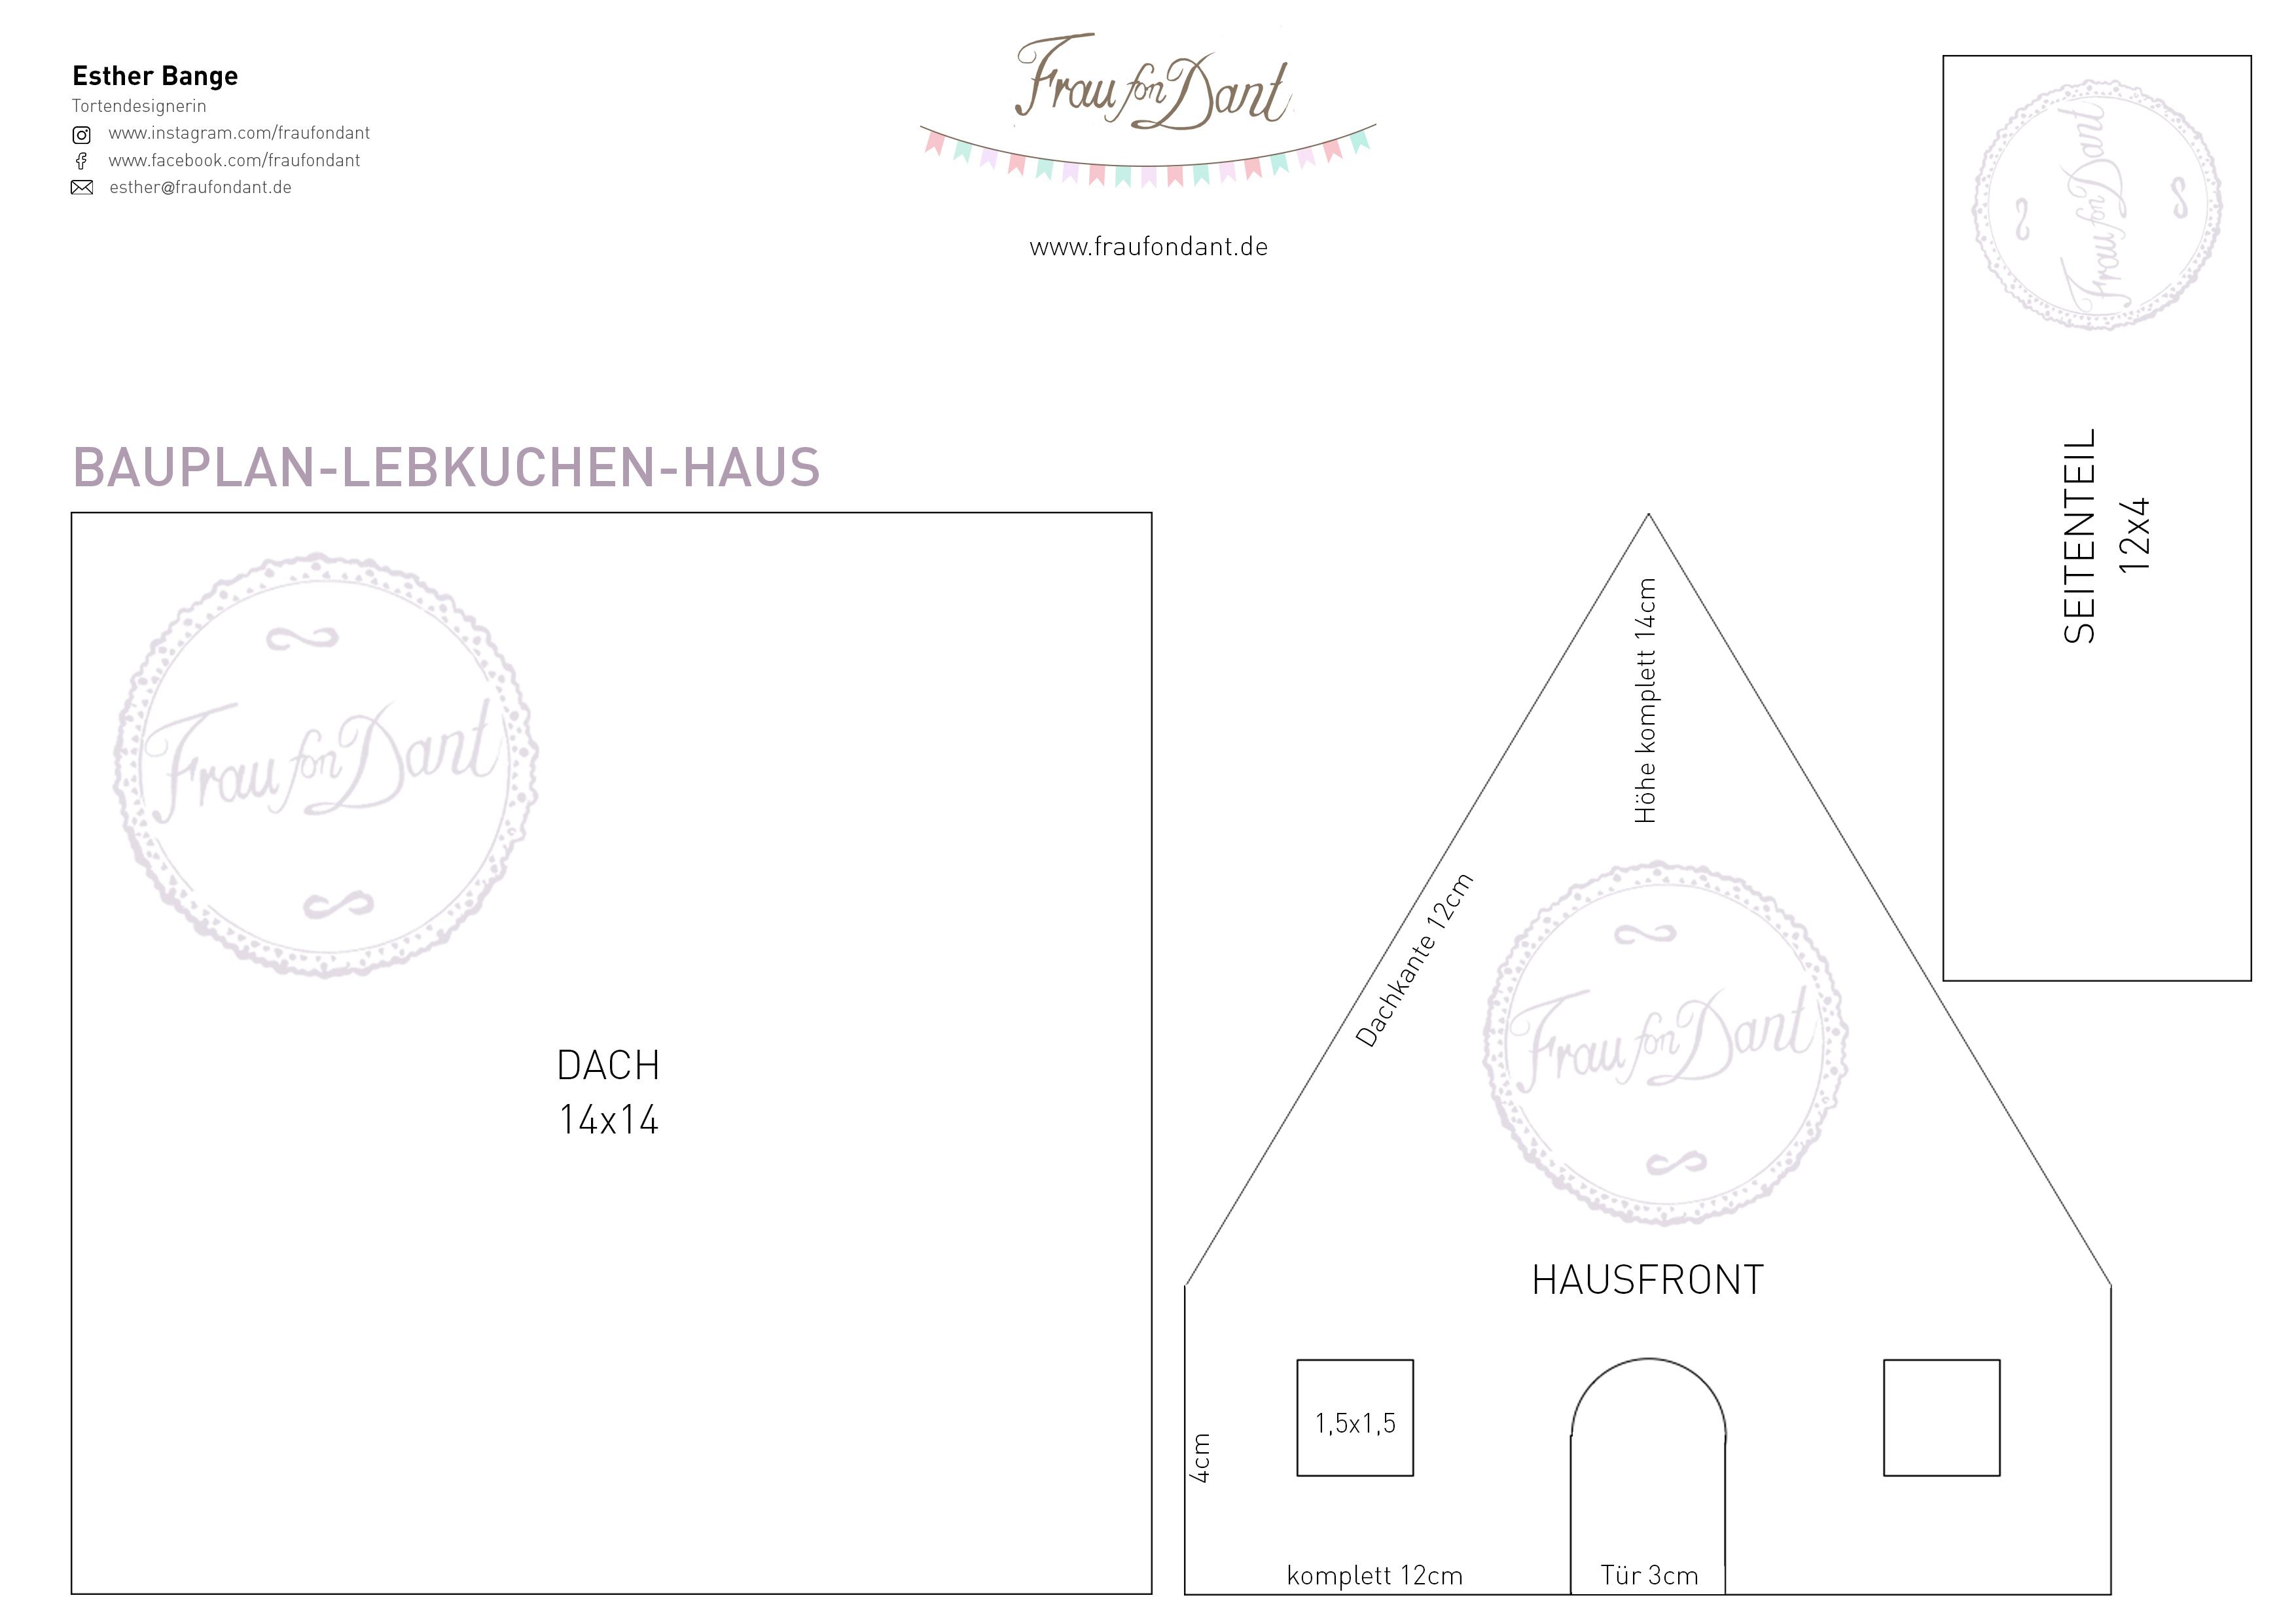 Ausgezeichnet Vorlage Lebkuchenhaus Bilder - Entry Level Resume ...